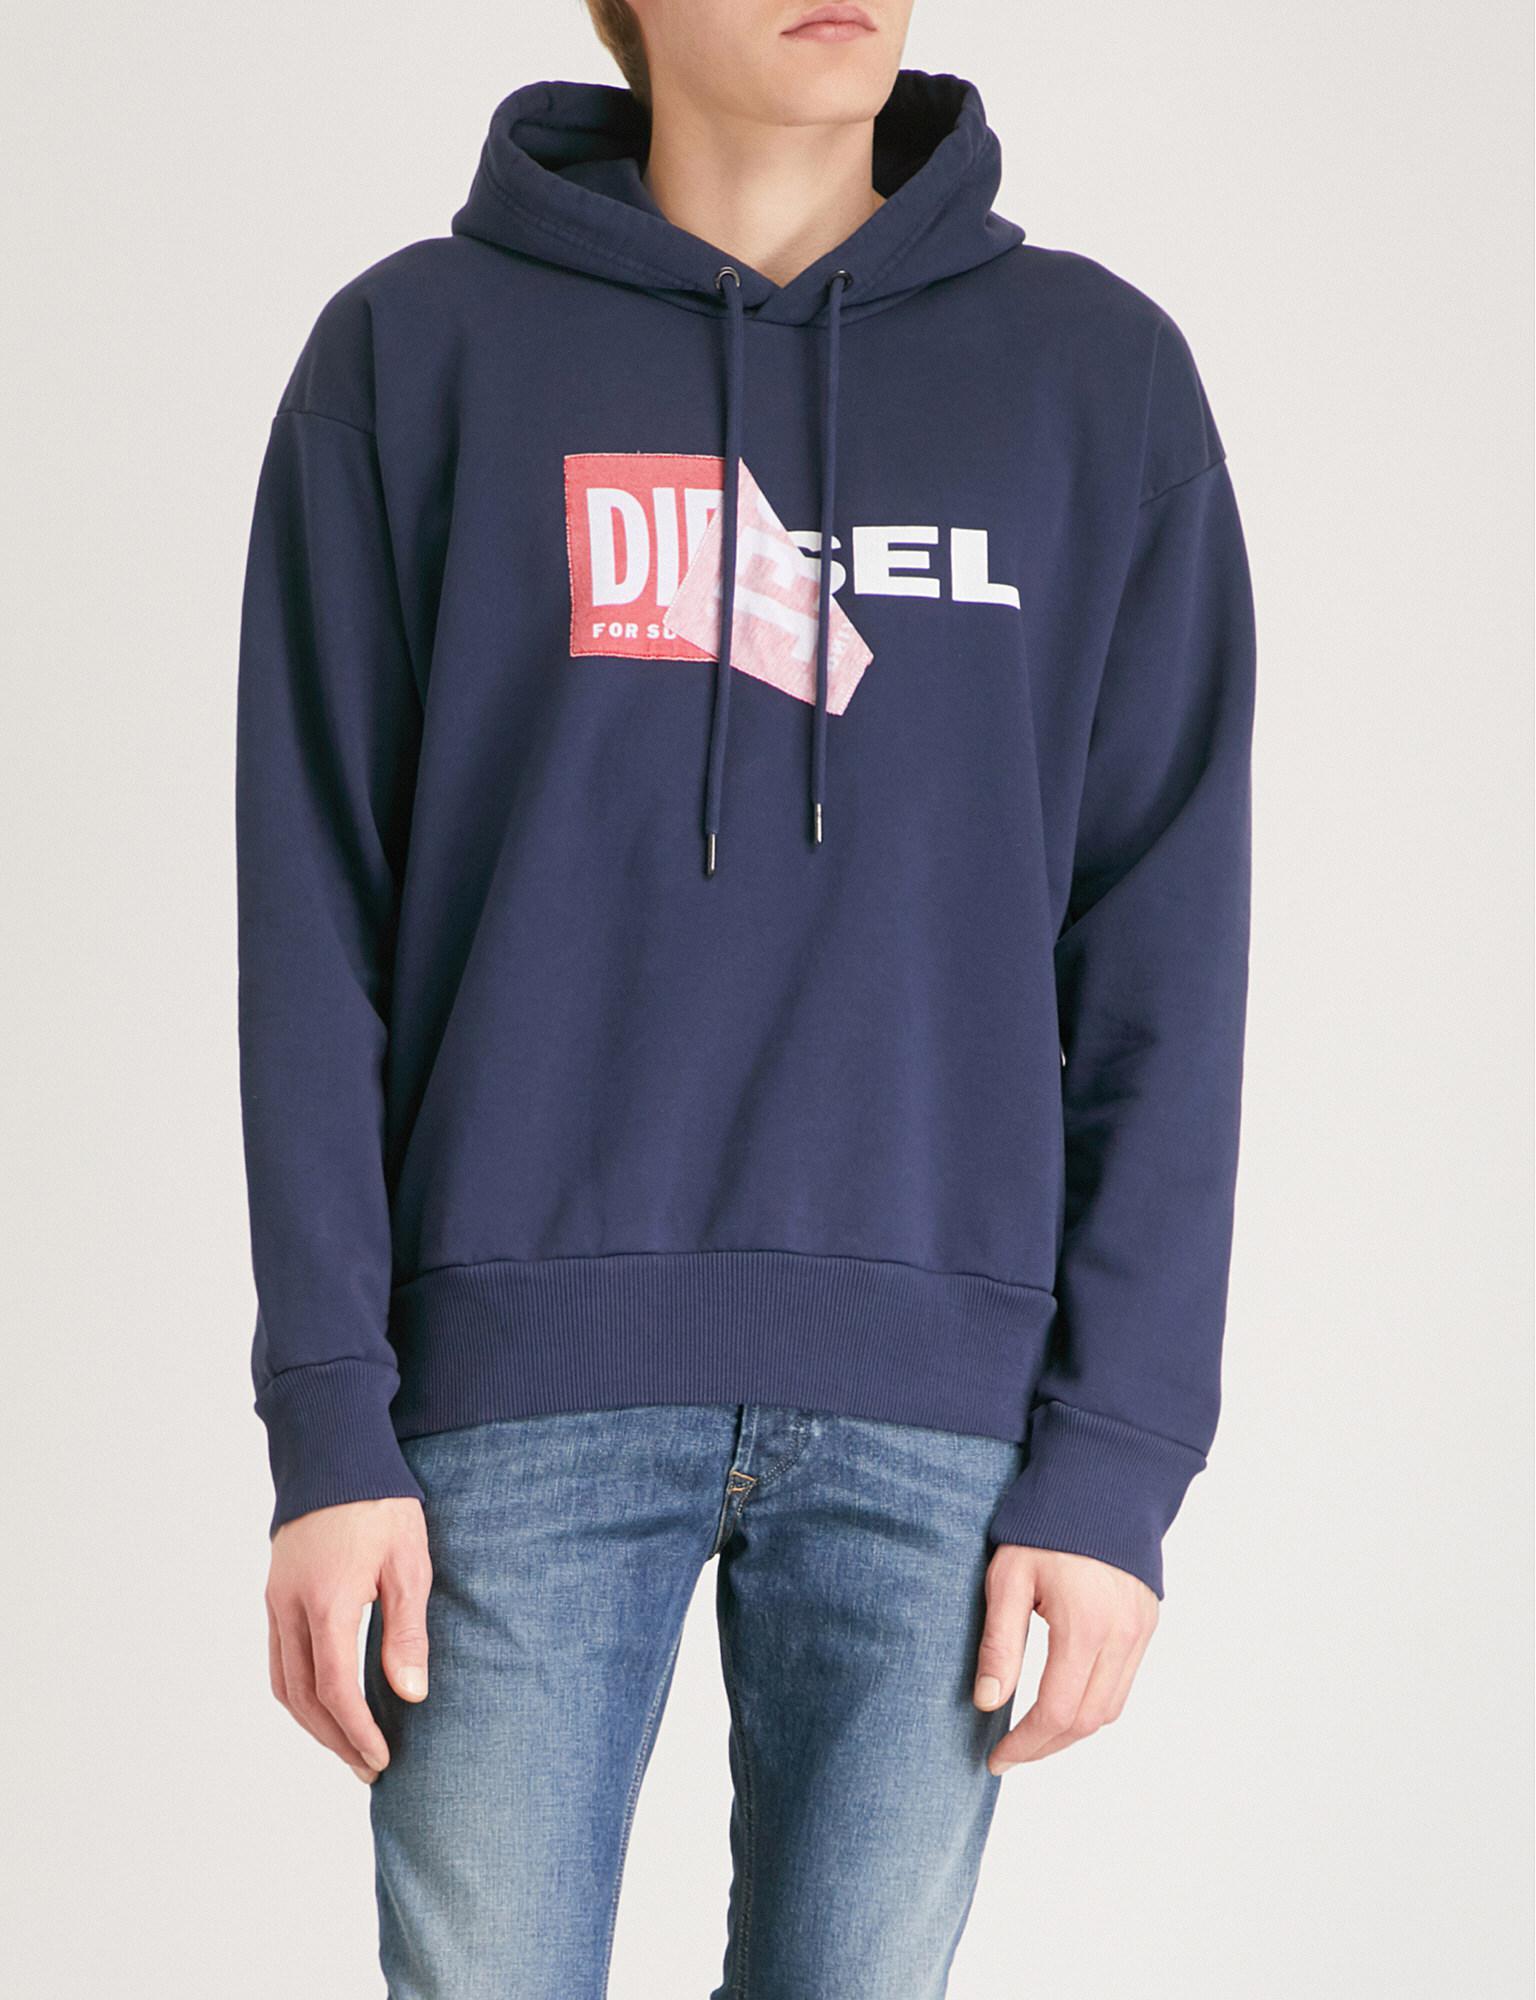 Diesel Salby hoodie 7E7ShI